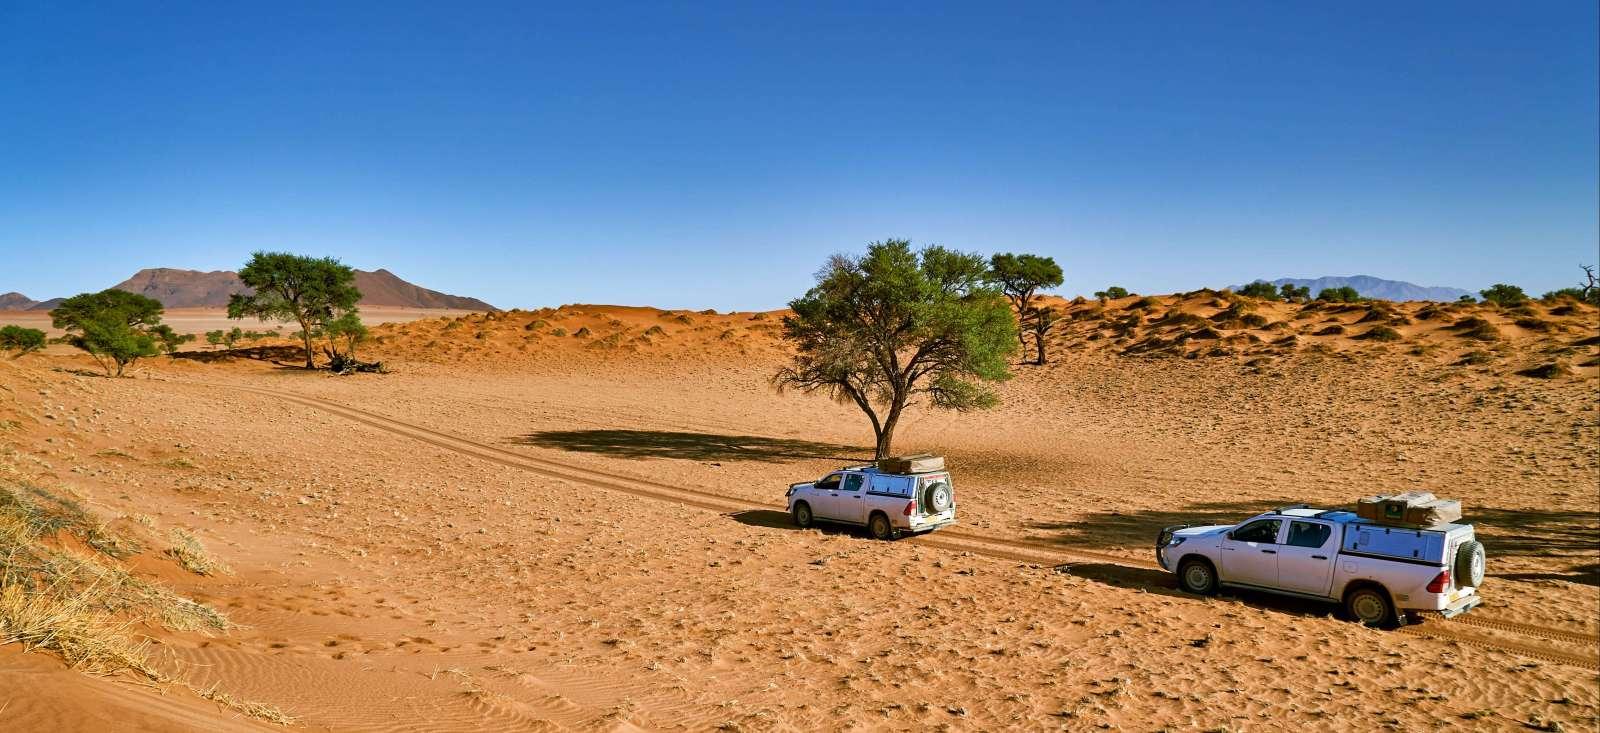 Voyage en véhicule : Exploration in Namibia!